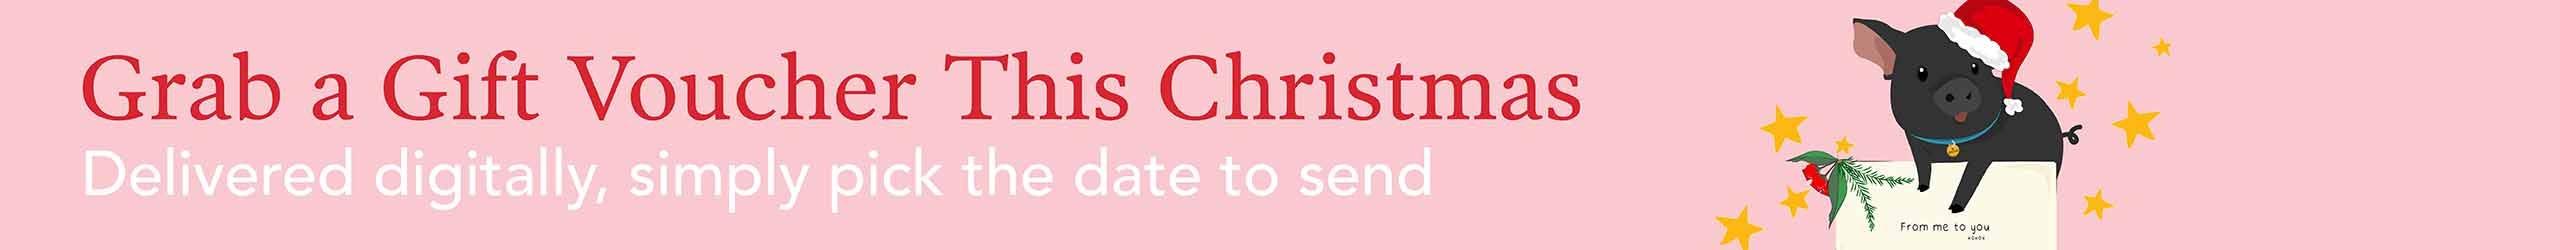 Grab a Gift Voucher